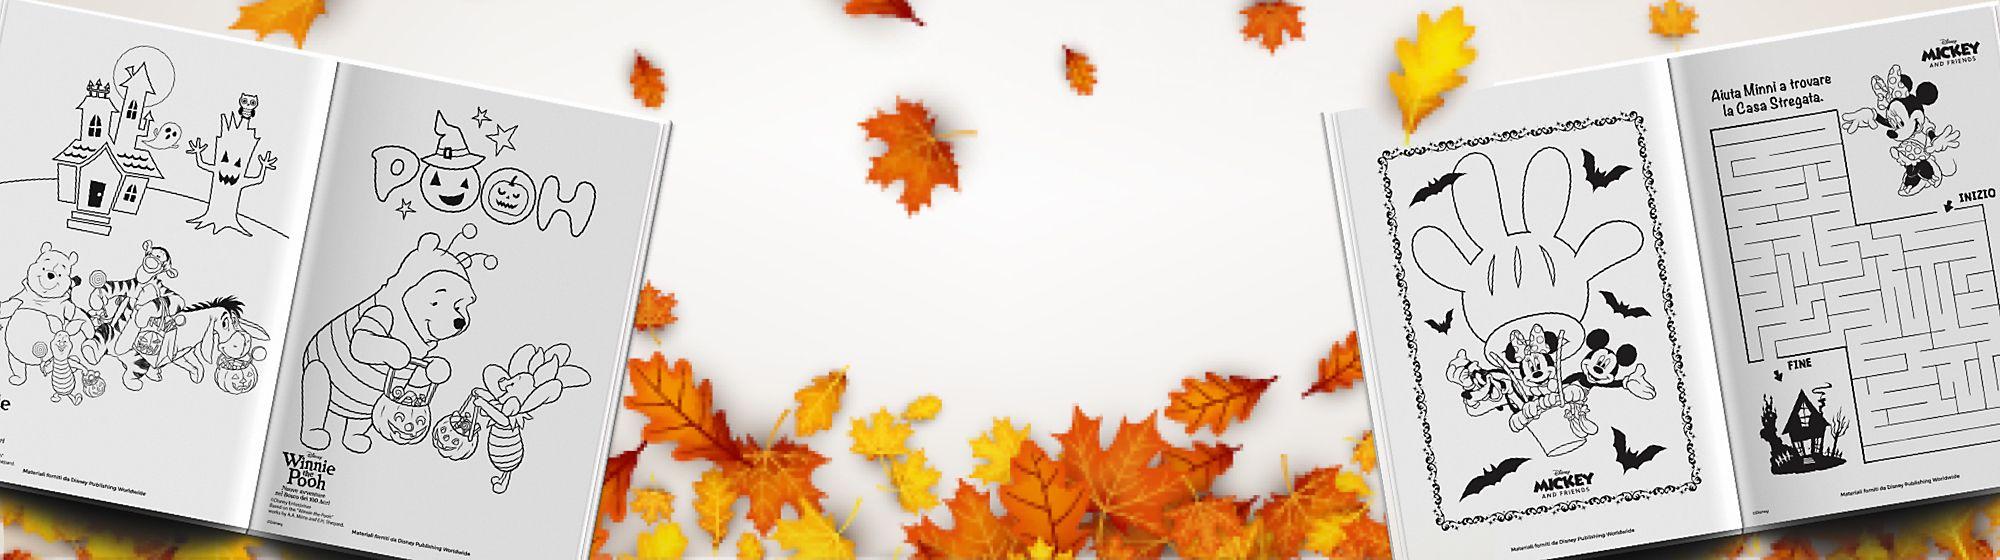 Un Autunno ricco di Attività Aggiungi un pizzico di magia autunnale al mese di Ottobre, scopri tutte le nostre attività divertenti pensate per tutta la famiglia! SCOPRI SUBITO